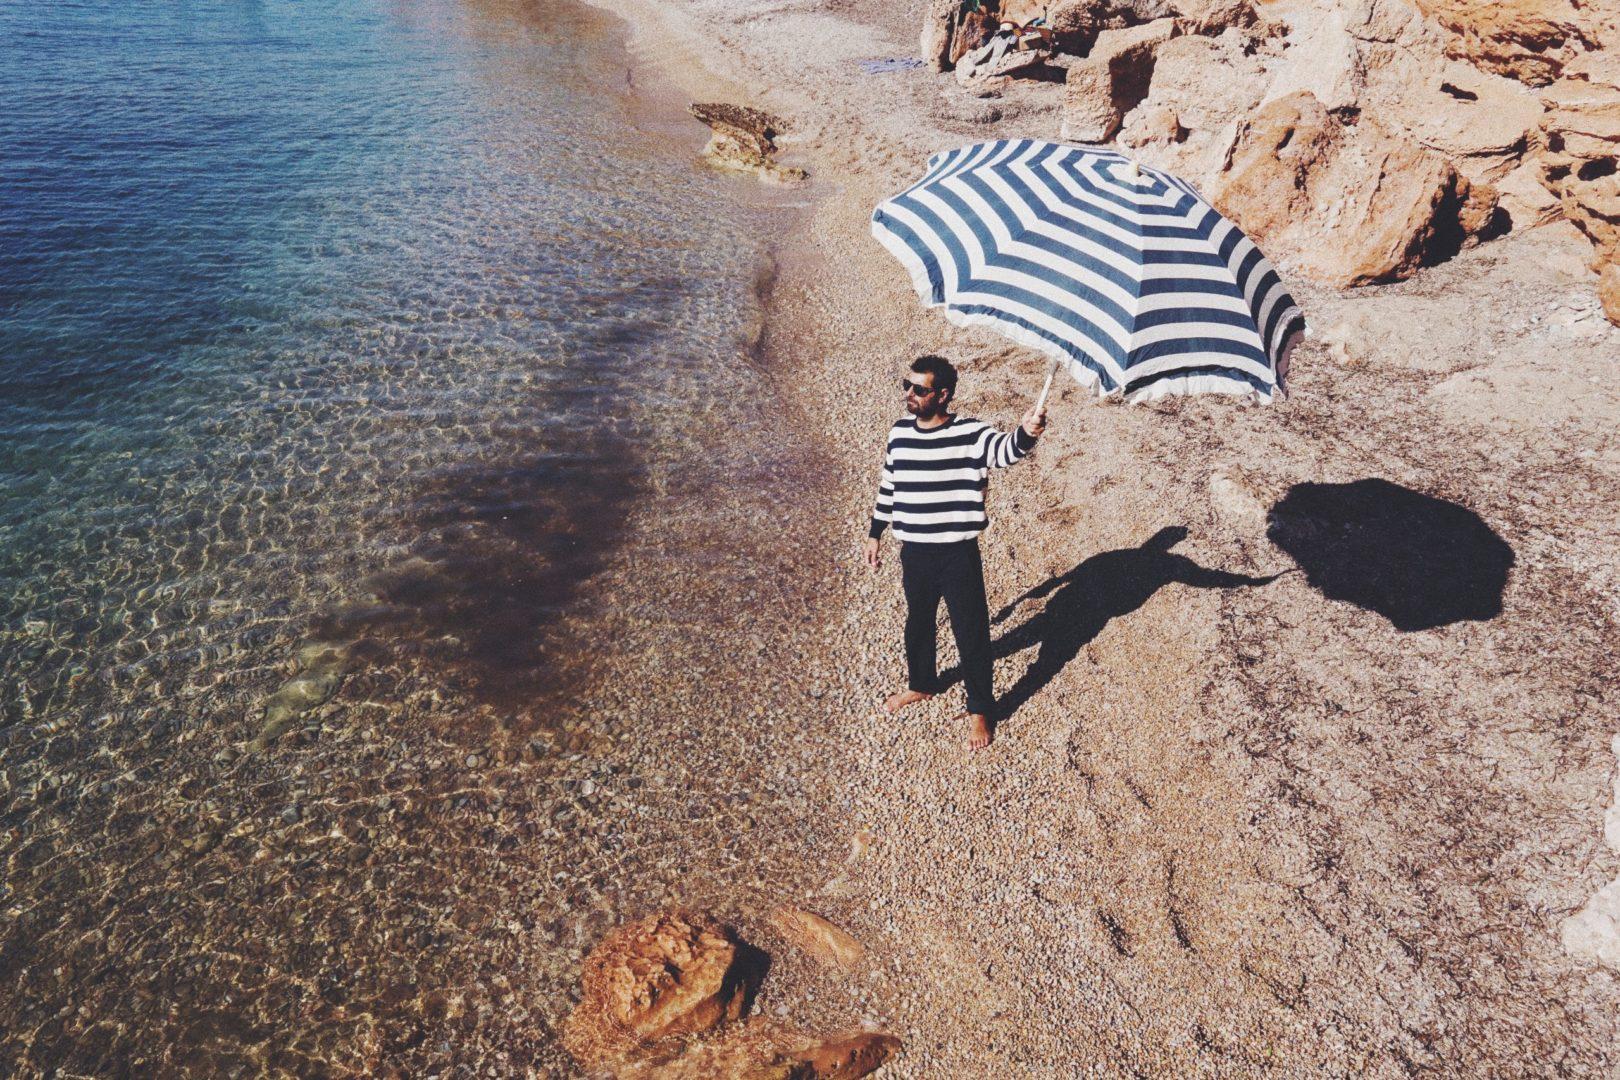 november jumper sailor stripes